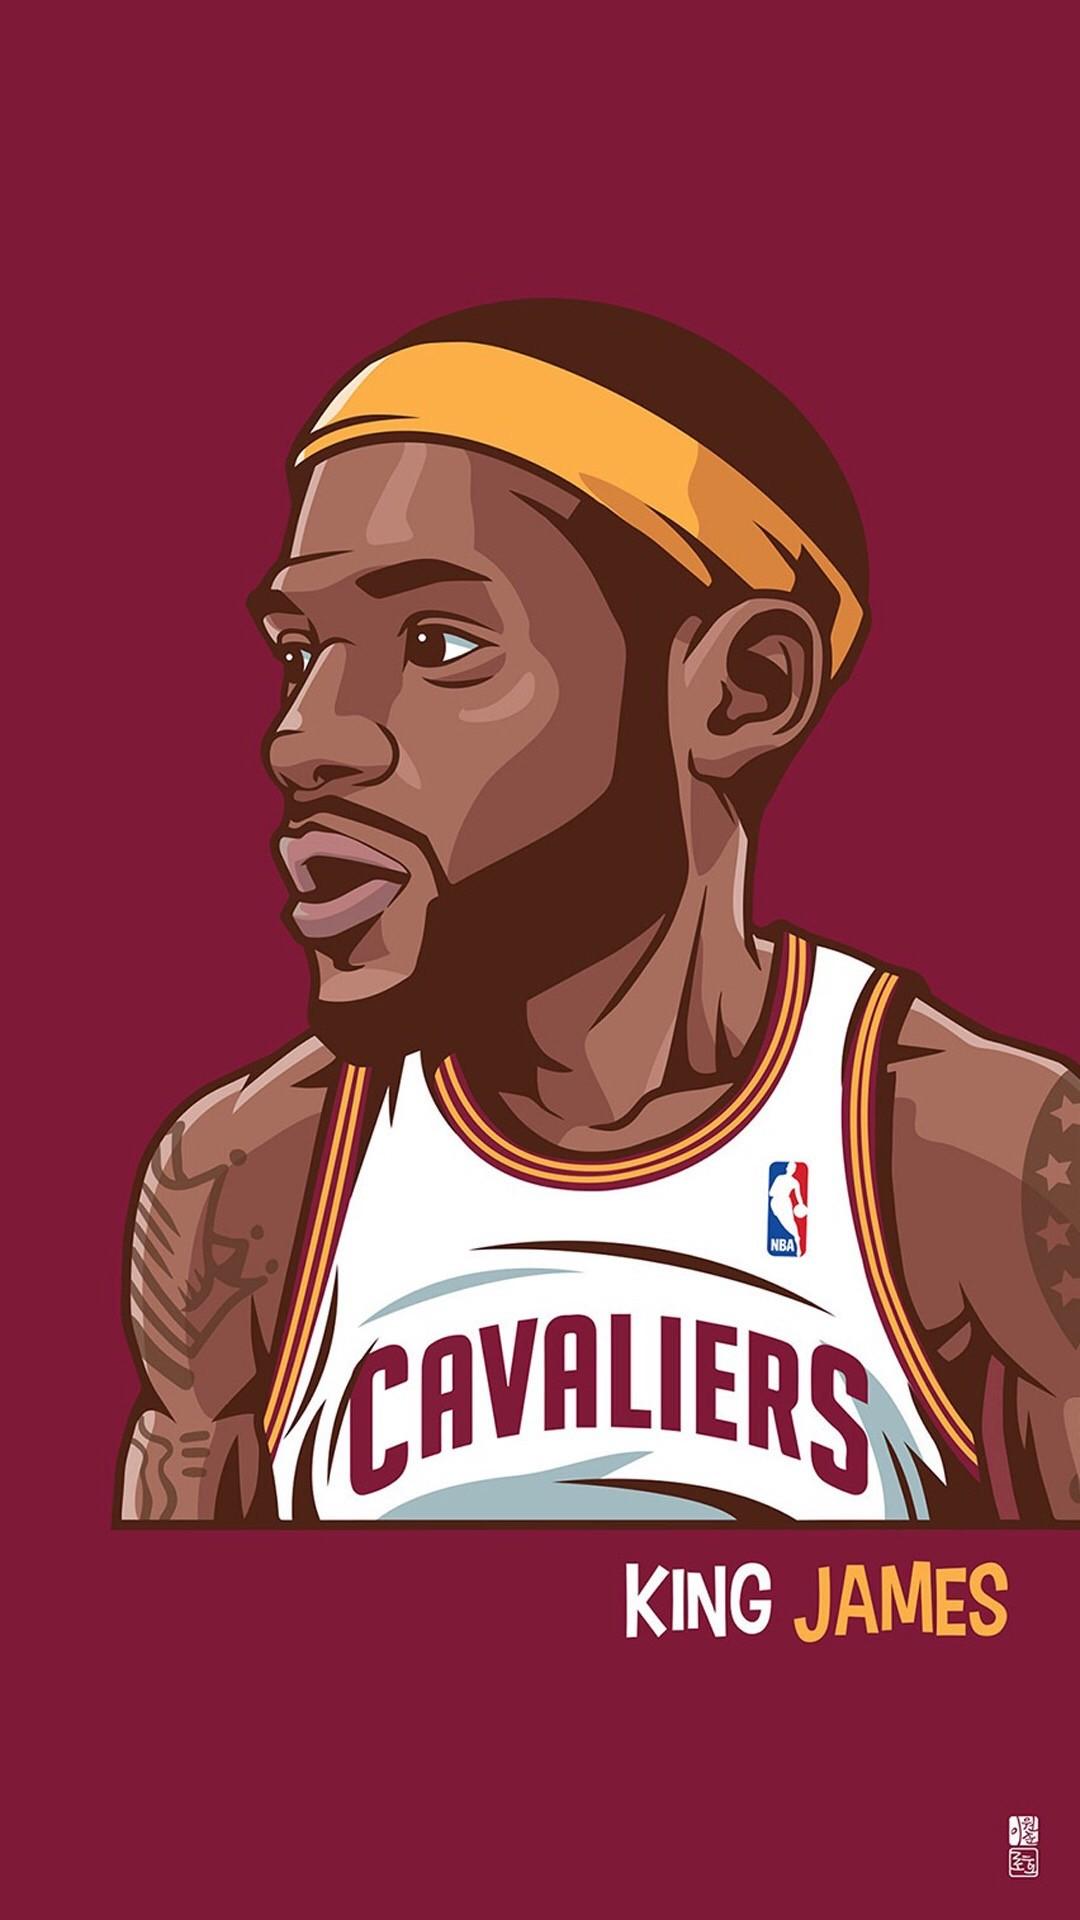 Best 25+ Fondos de pantalla nba ideas on Pinterest | NBA, Cavaliers  wallpaper hd and Jerseys de béisbol